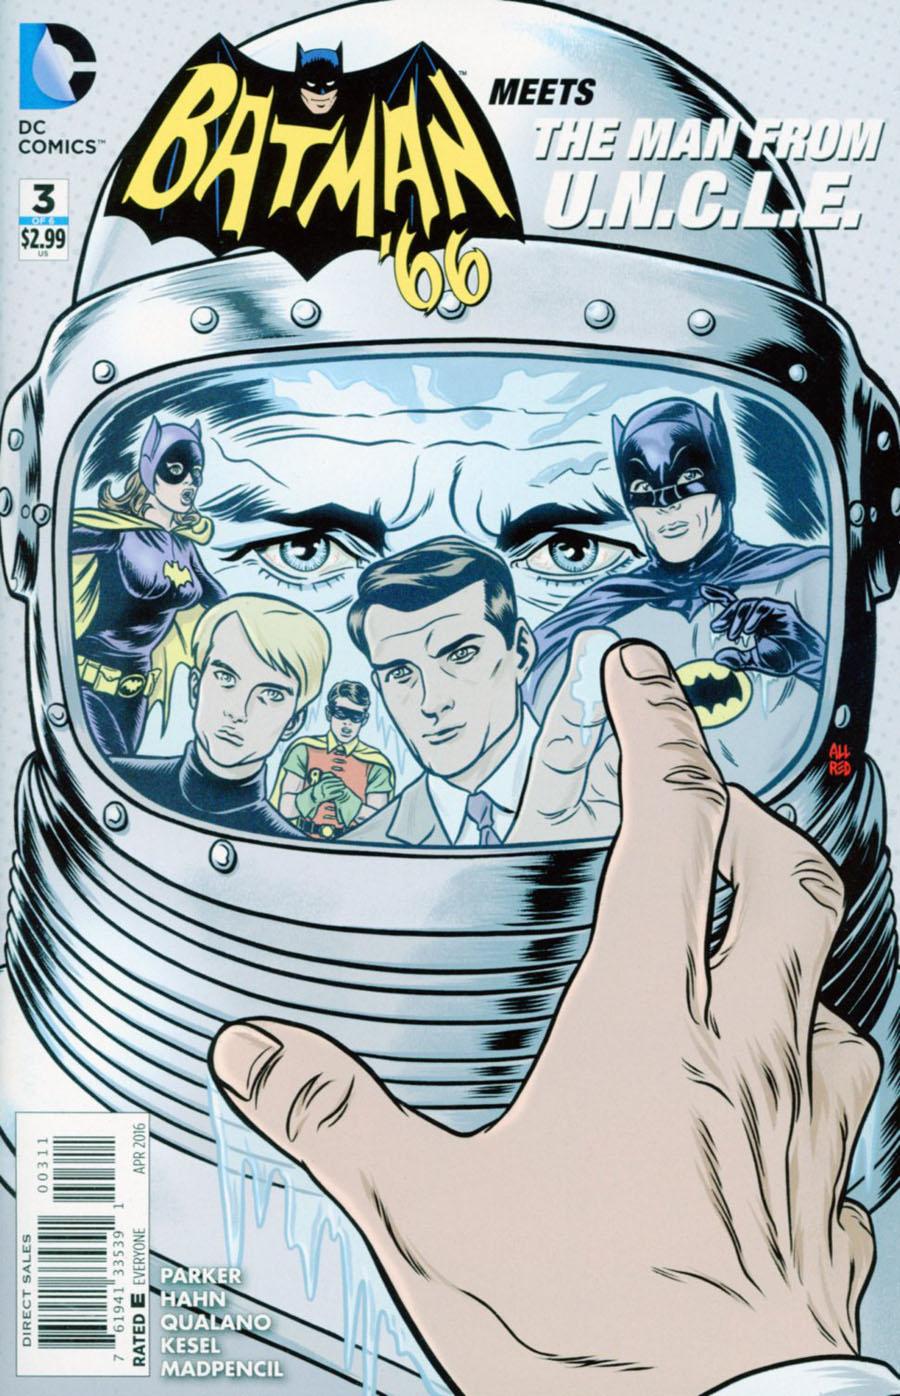 Batman 66 Meets The Man From U.N.C.L.E. #3